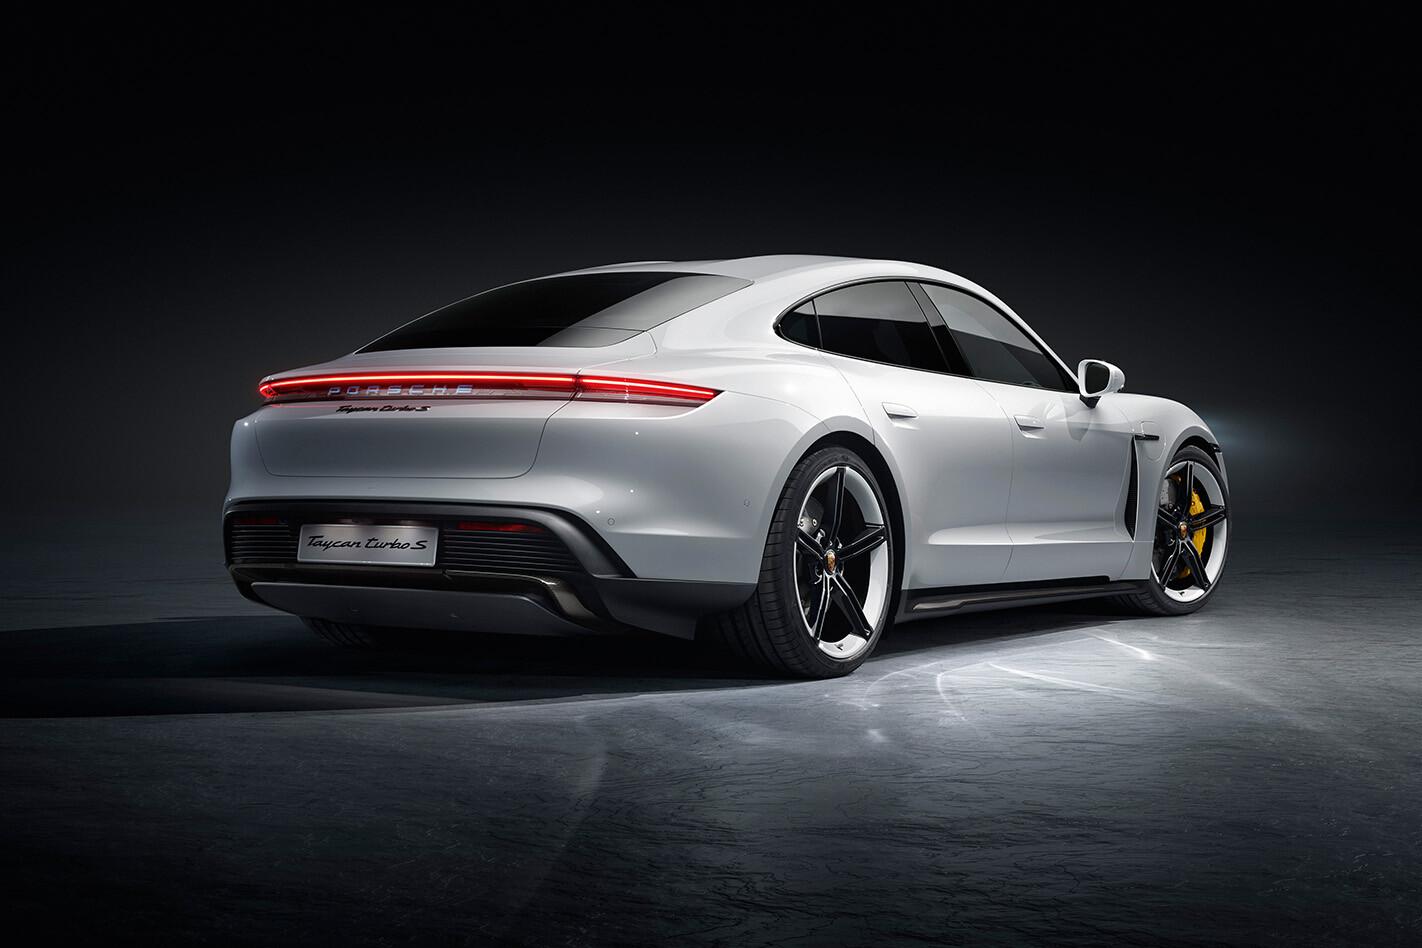 Porsche Taycan Technical Details Rear Jpg